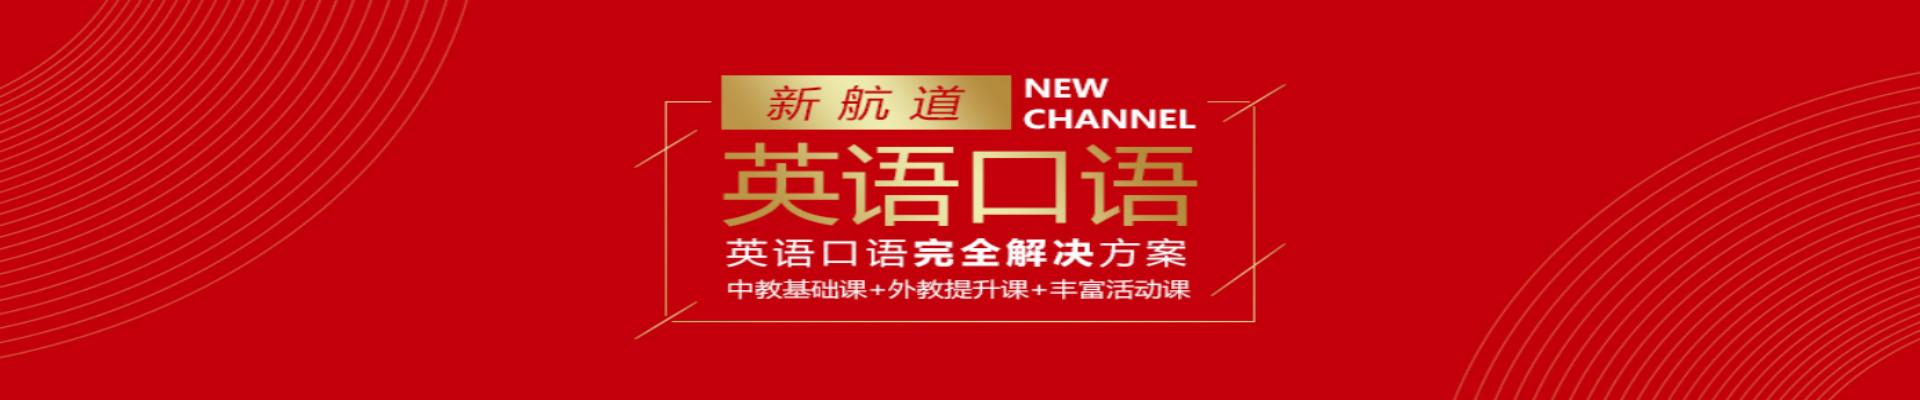 桂林新航道英语培训